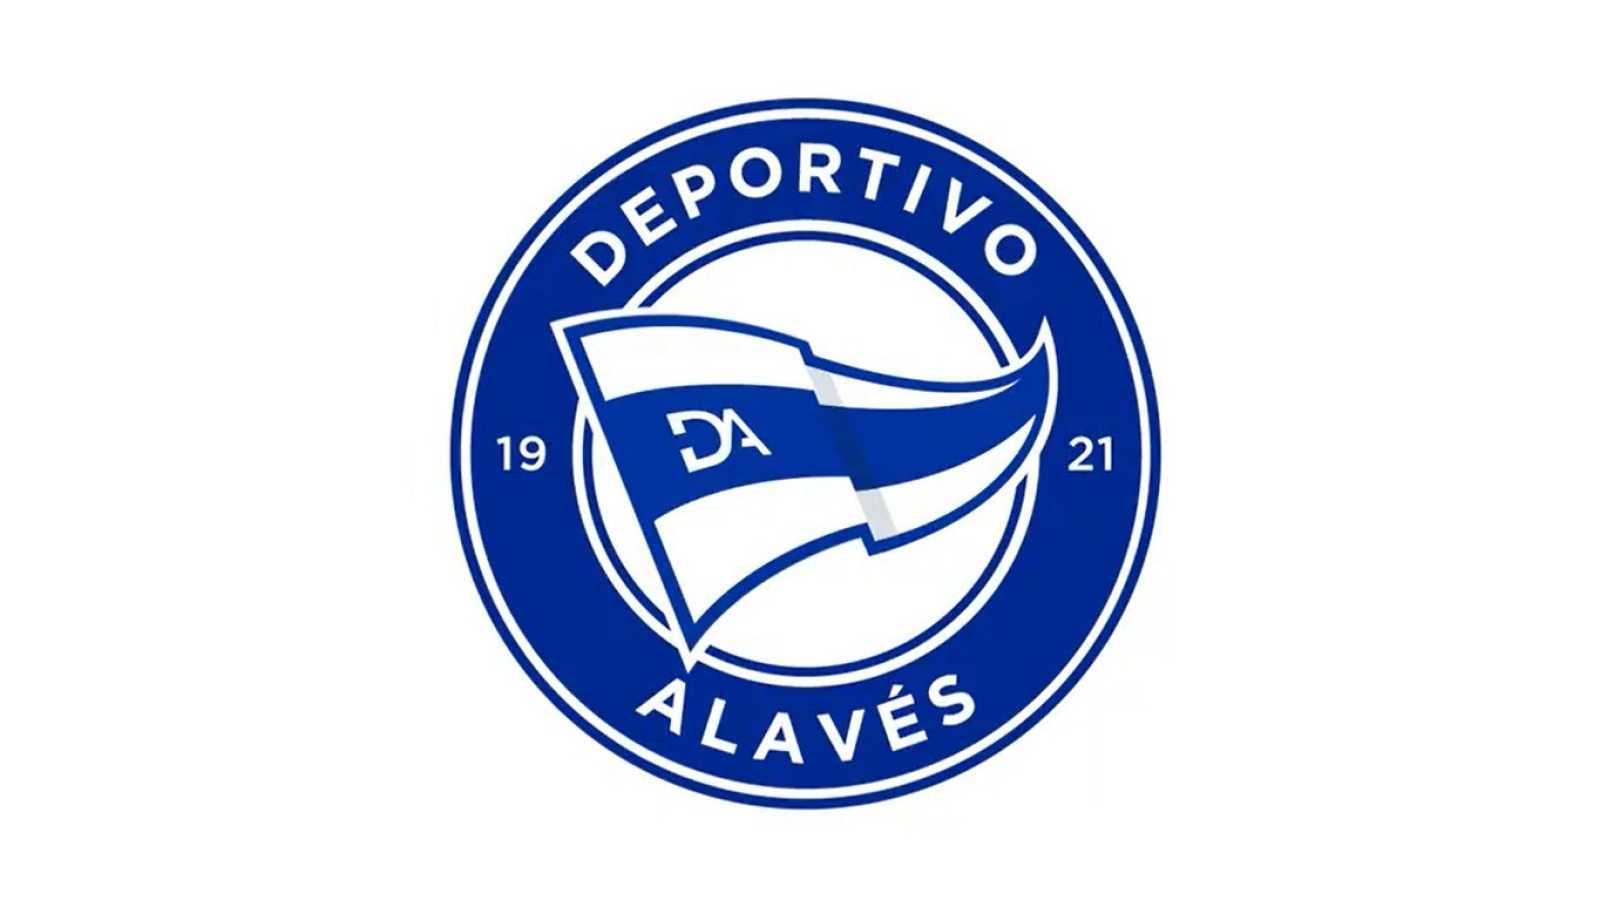 Nuevo escudo del Alavés